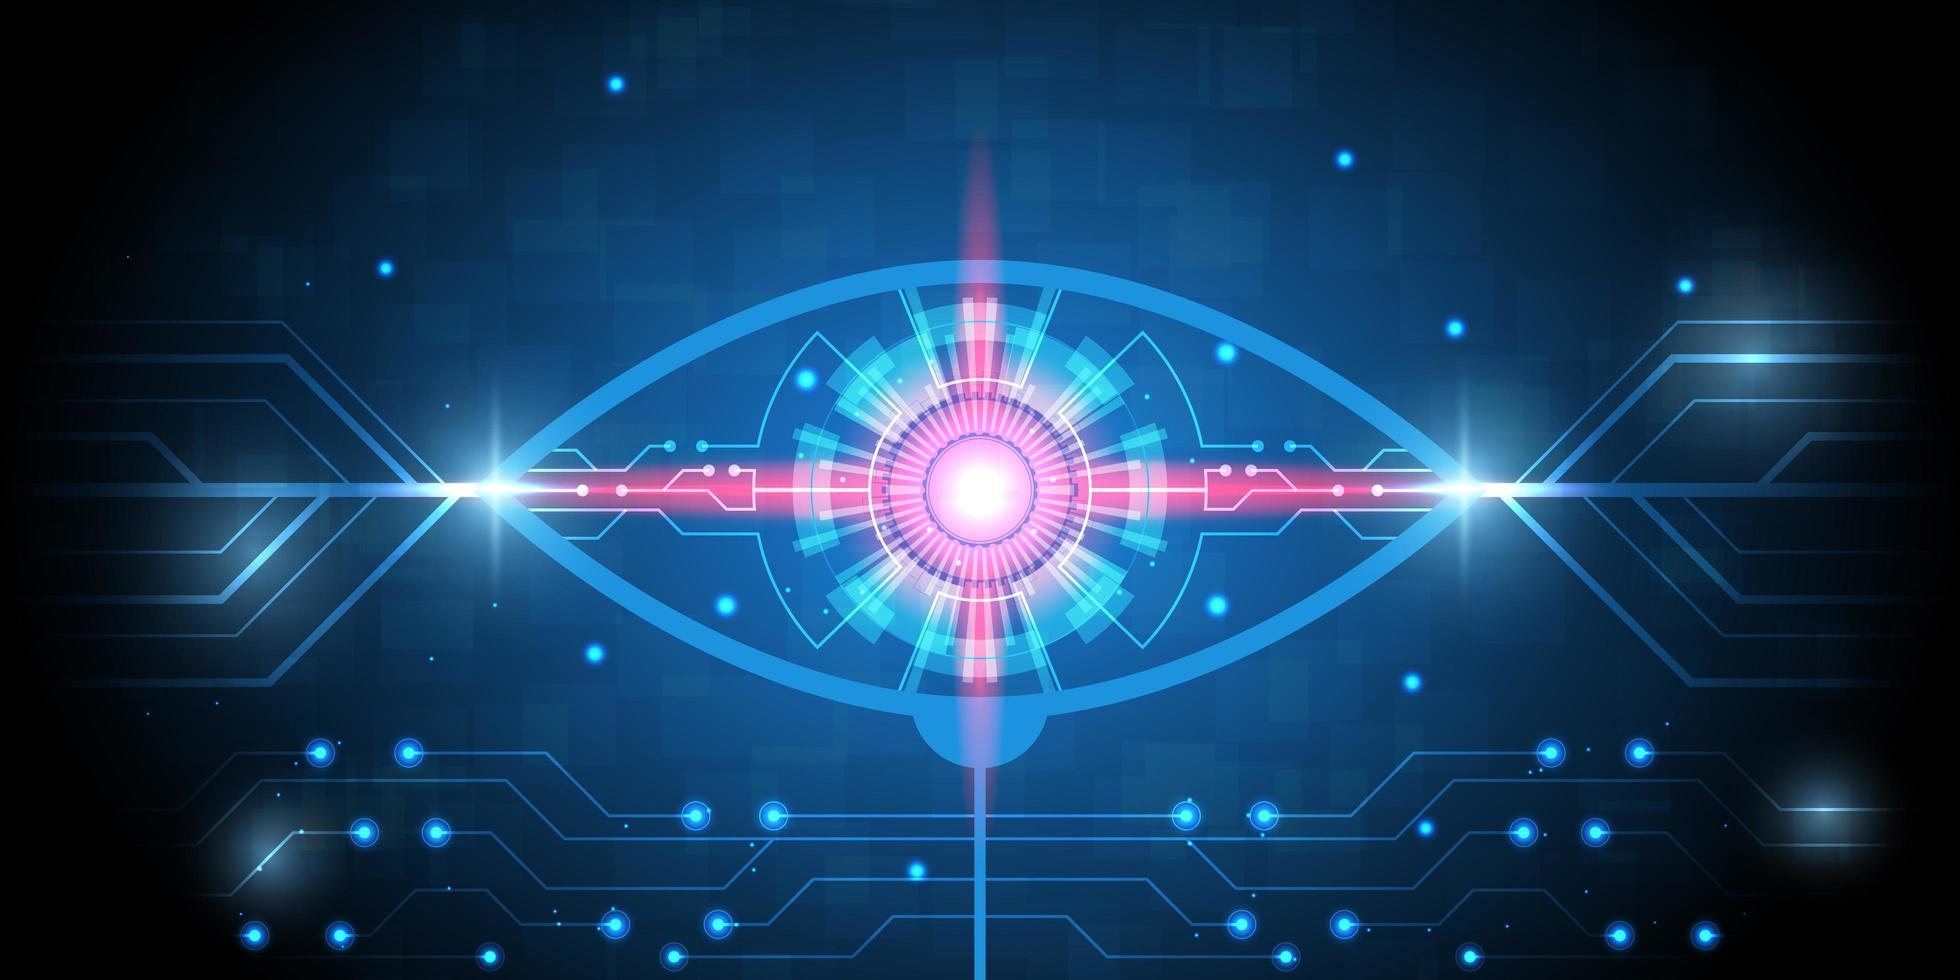 occhio hi-tech con luce rossa e motivo a circuito vettore